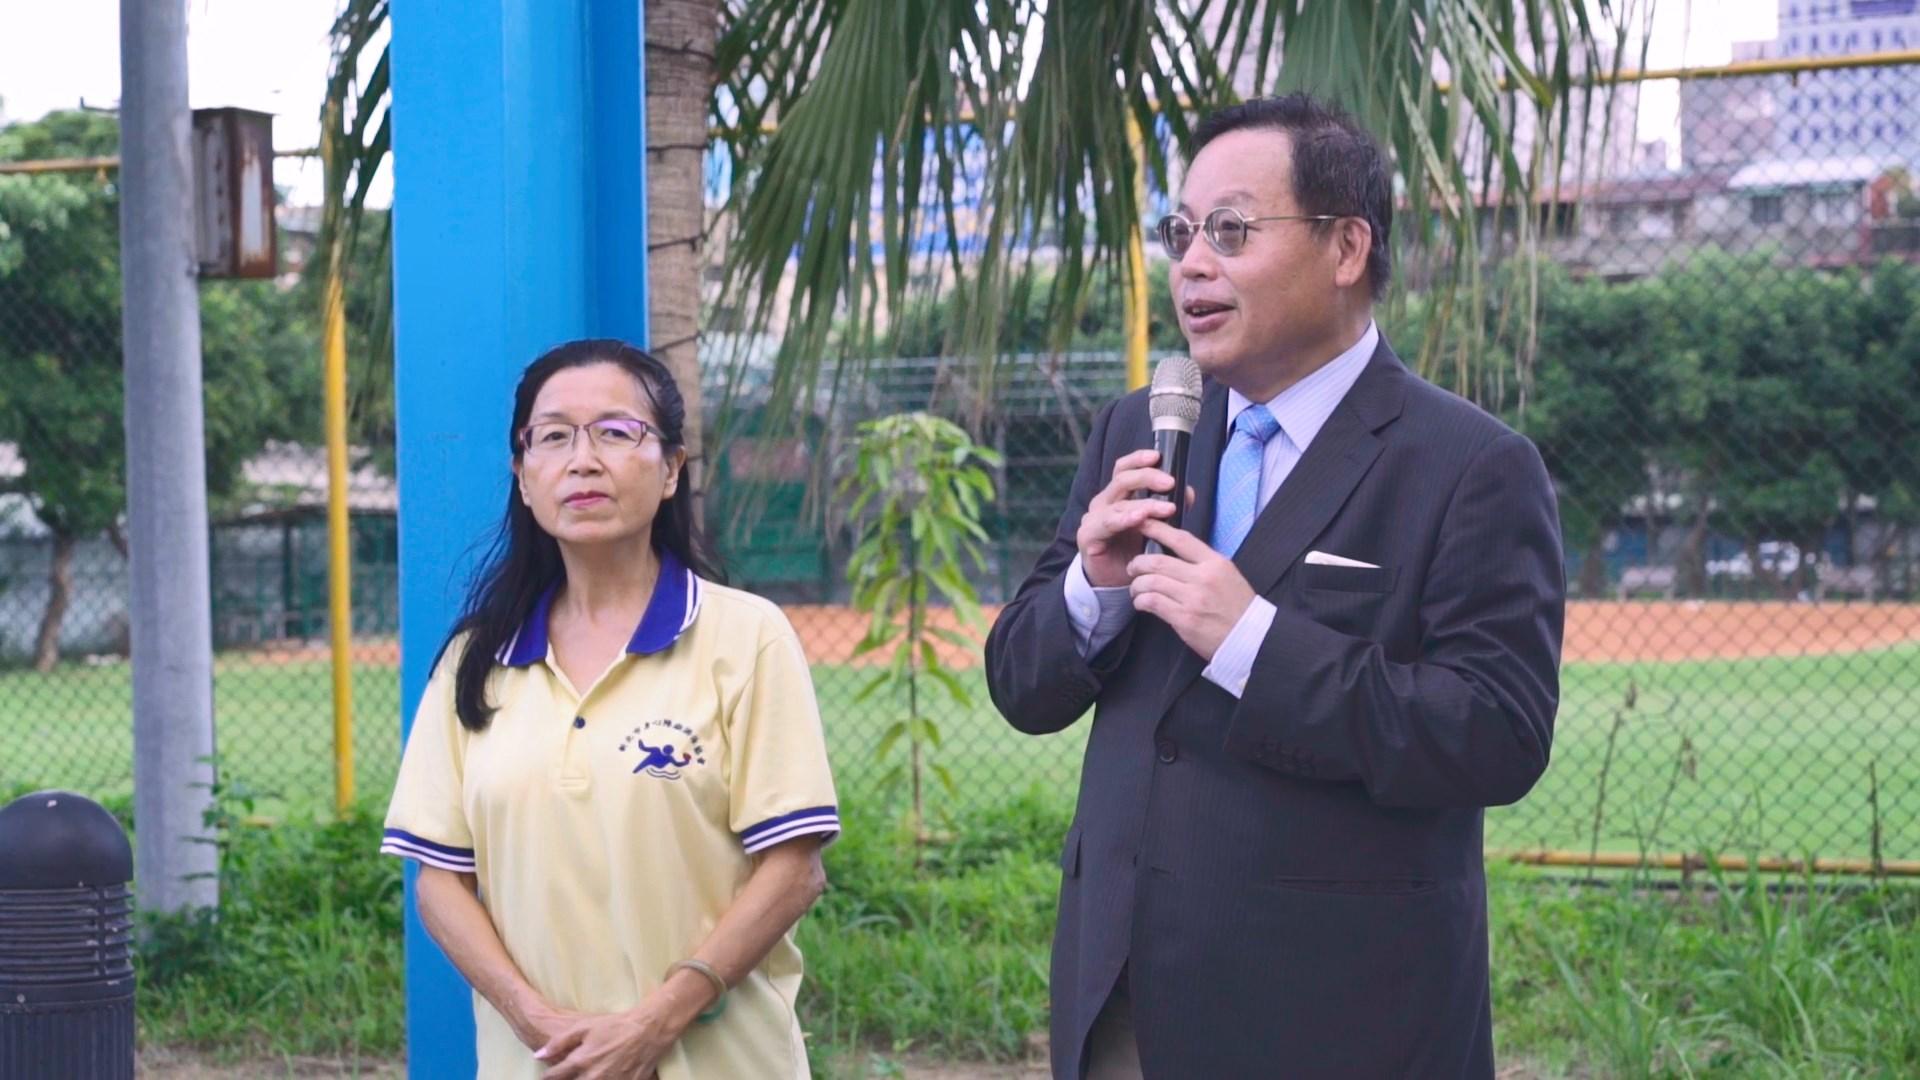 台北市大龍峒扶輪社社長莊子華,曾教導過許多身心障礙者游泳,甚至幫助他們取得救生員資格。